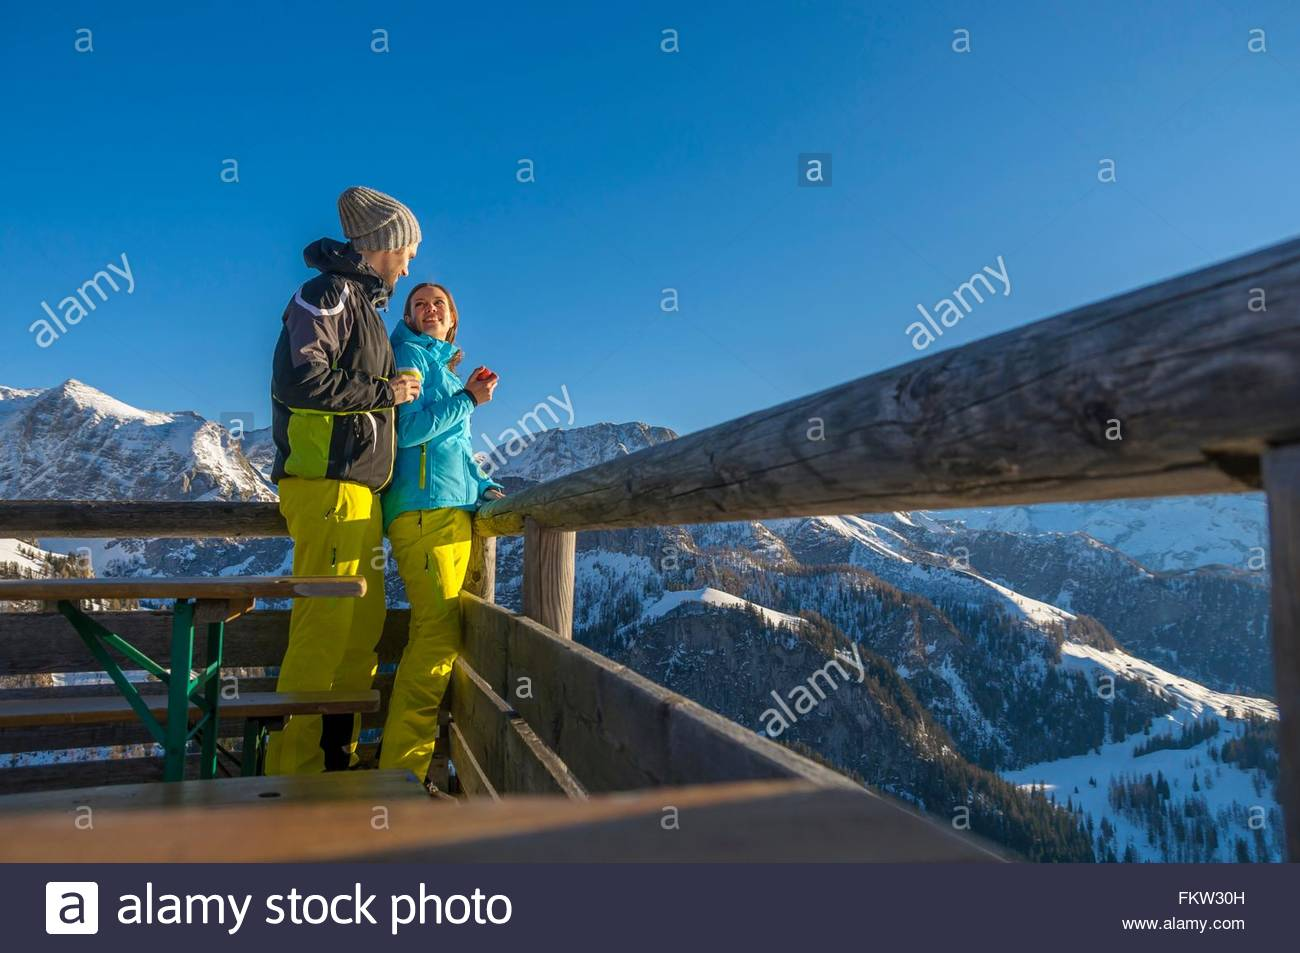 Tragen paar ski Anzug auf die Aussichtsplattform in Bergen